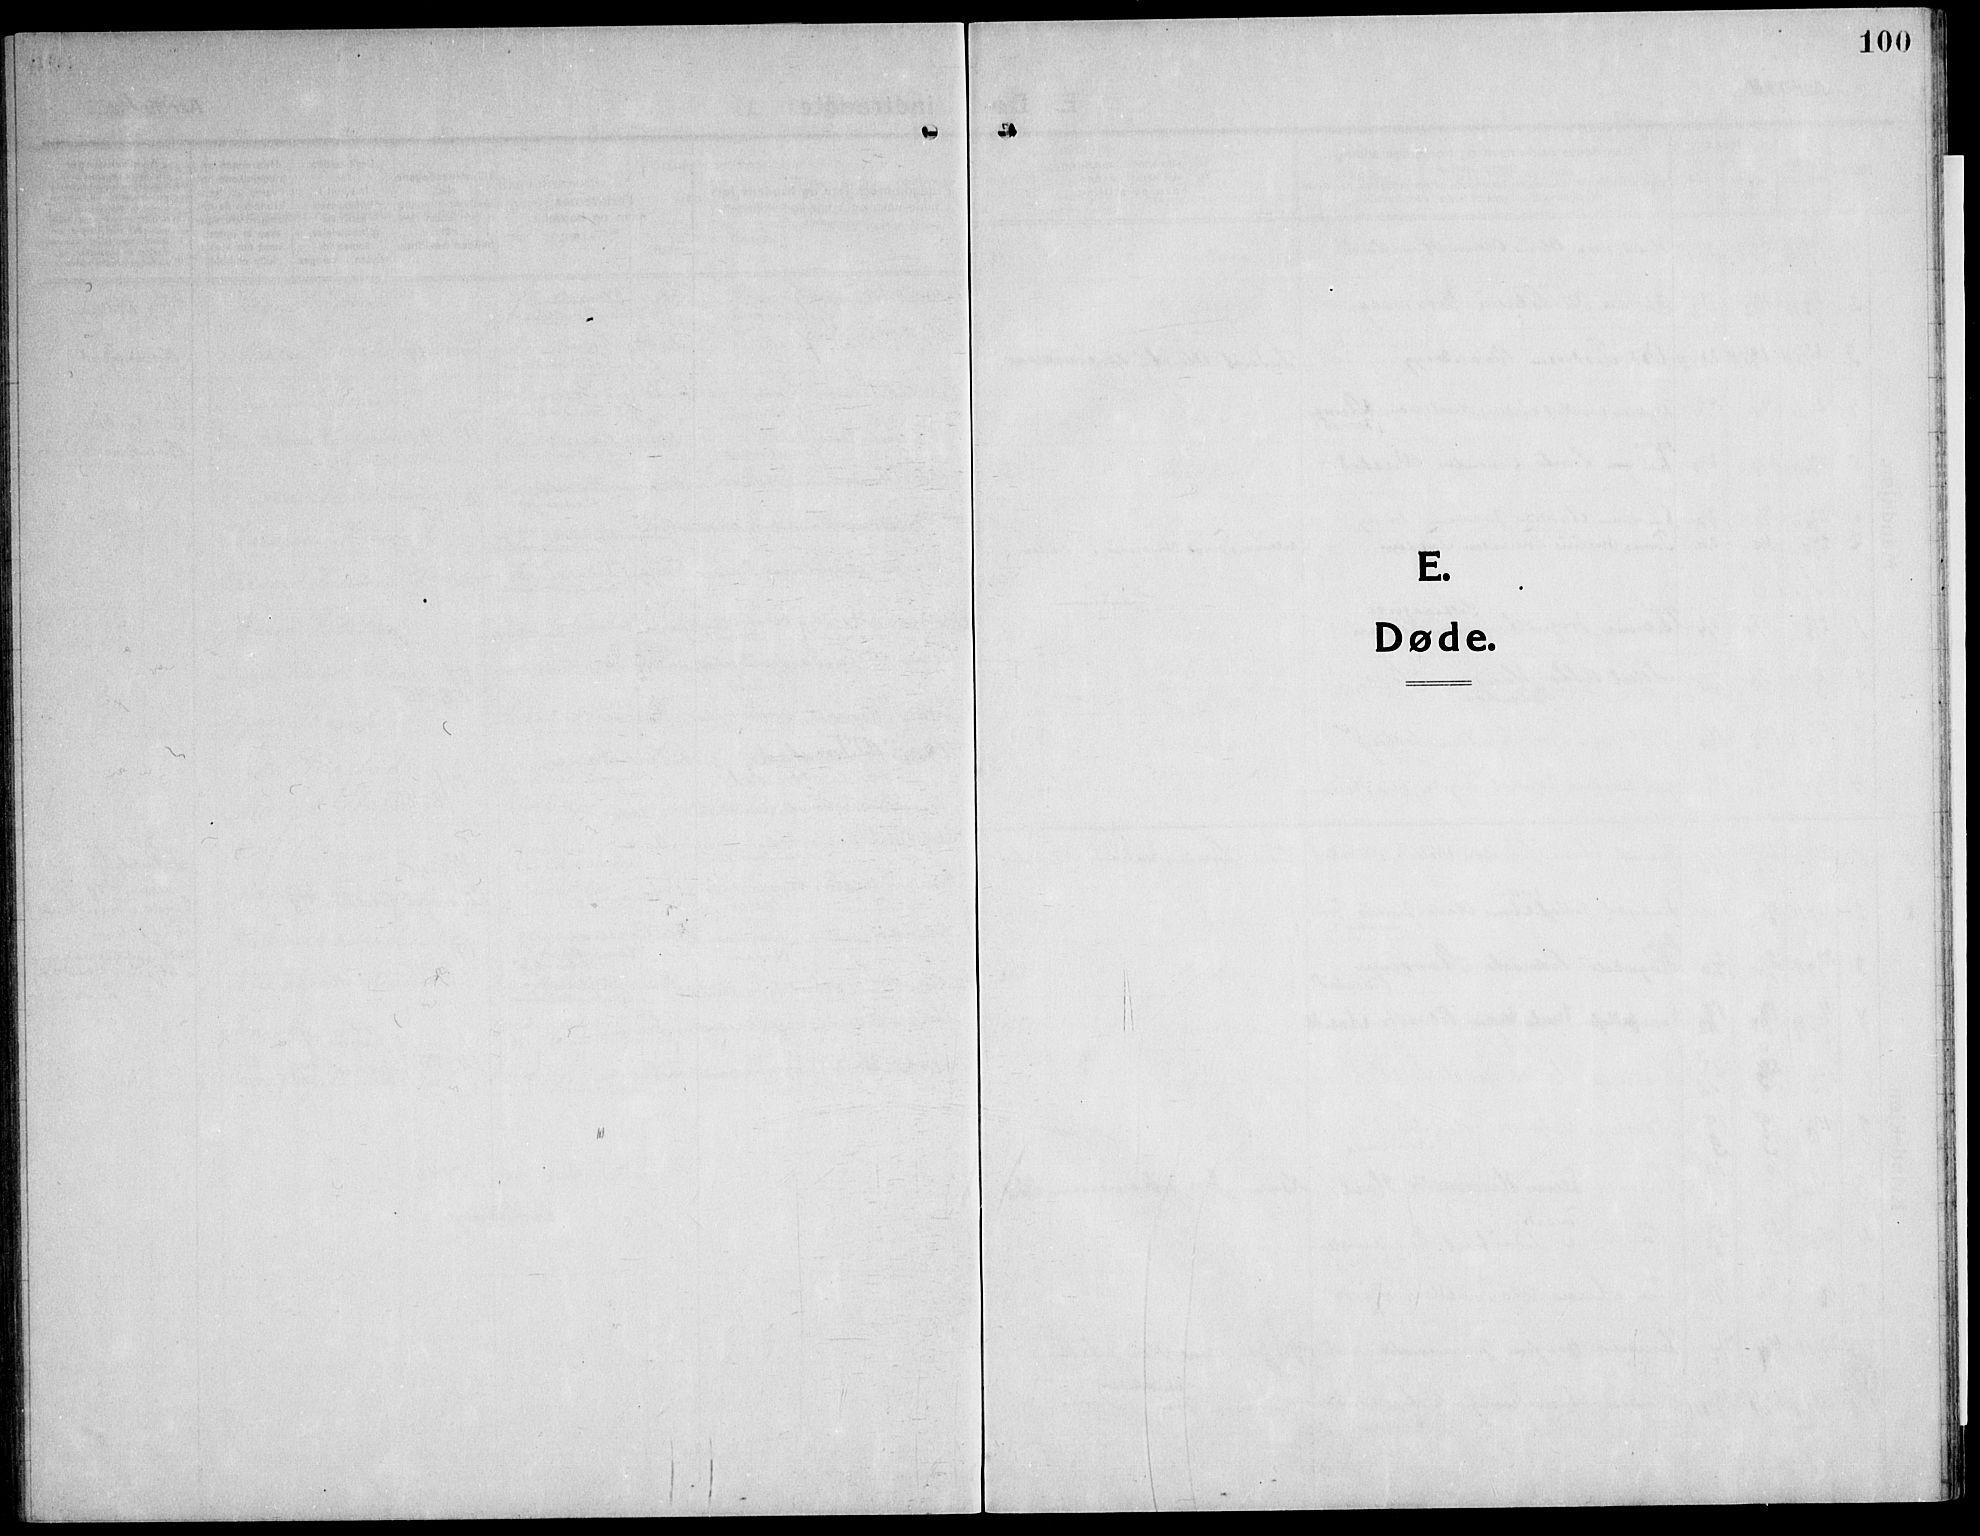 SAT, Ministerialprotokoller, klokkerbøker og fødselsregistre - Nord-Trøndelag, 732/L0319: Parish register (copy) no. 732C03, 1911-1945, p. 100